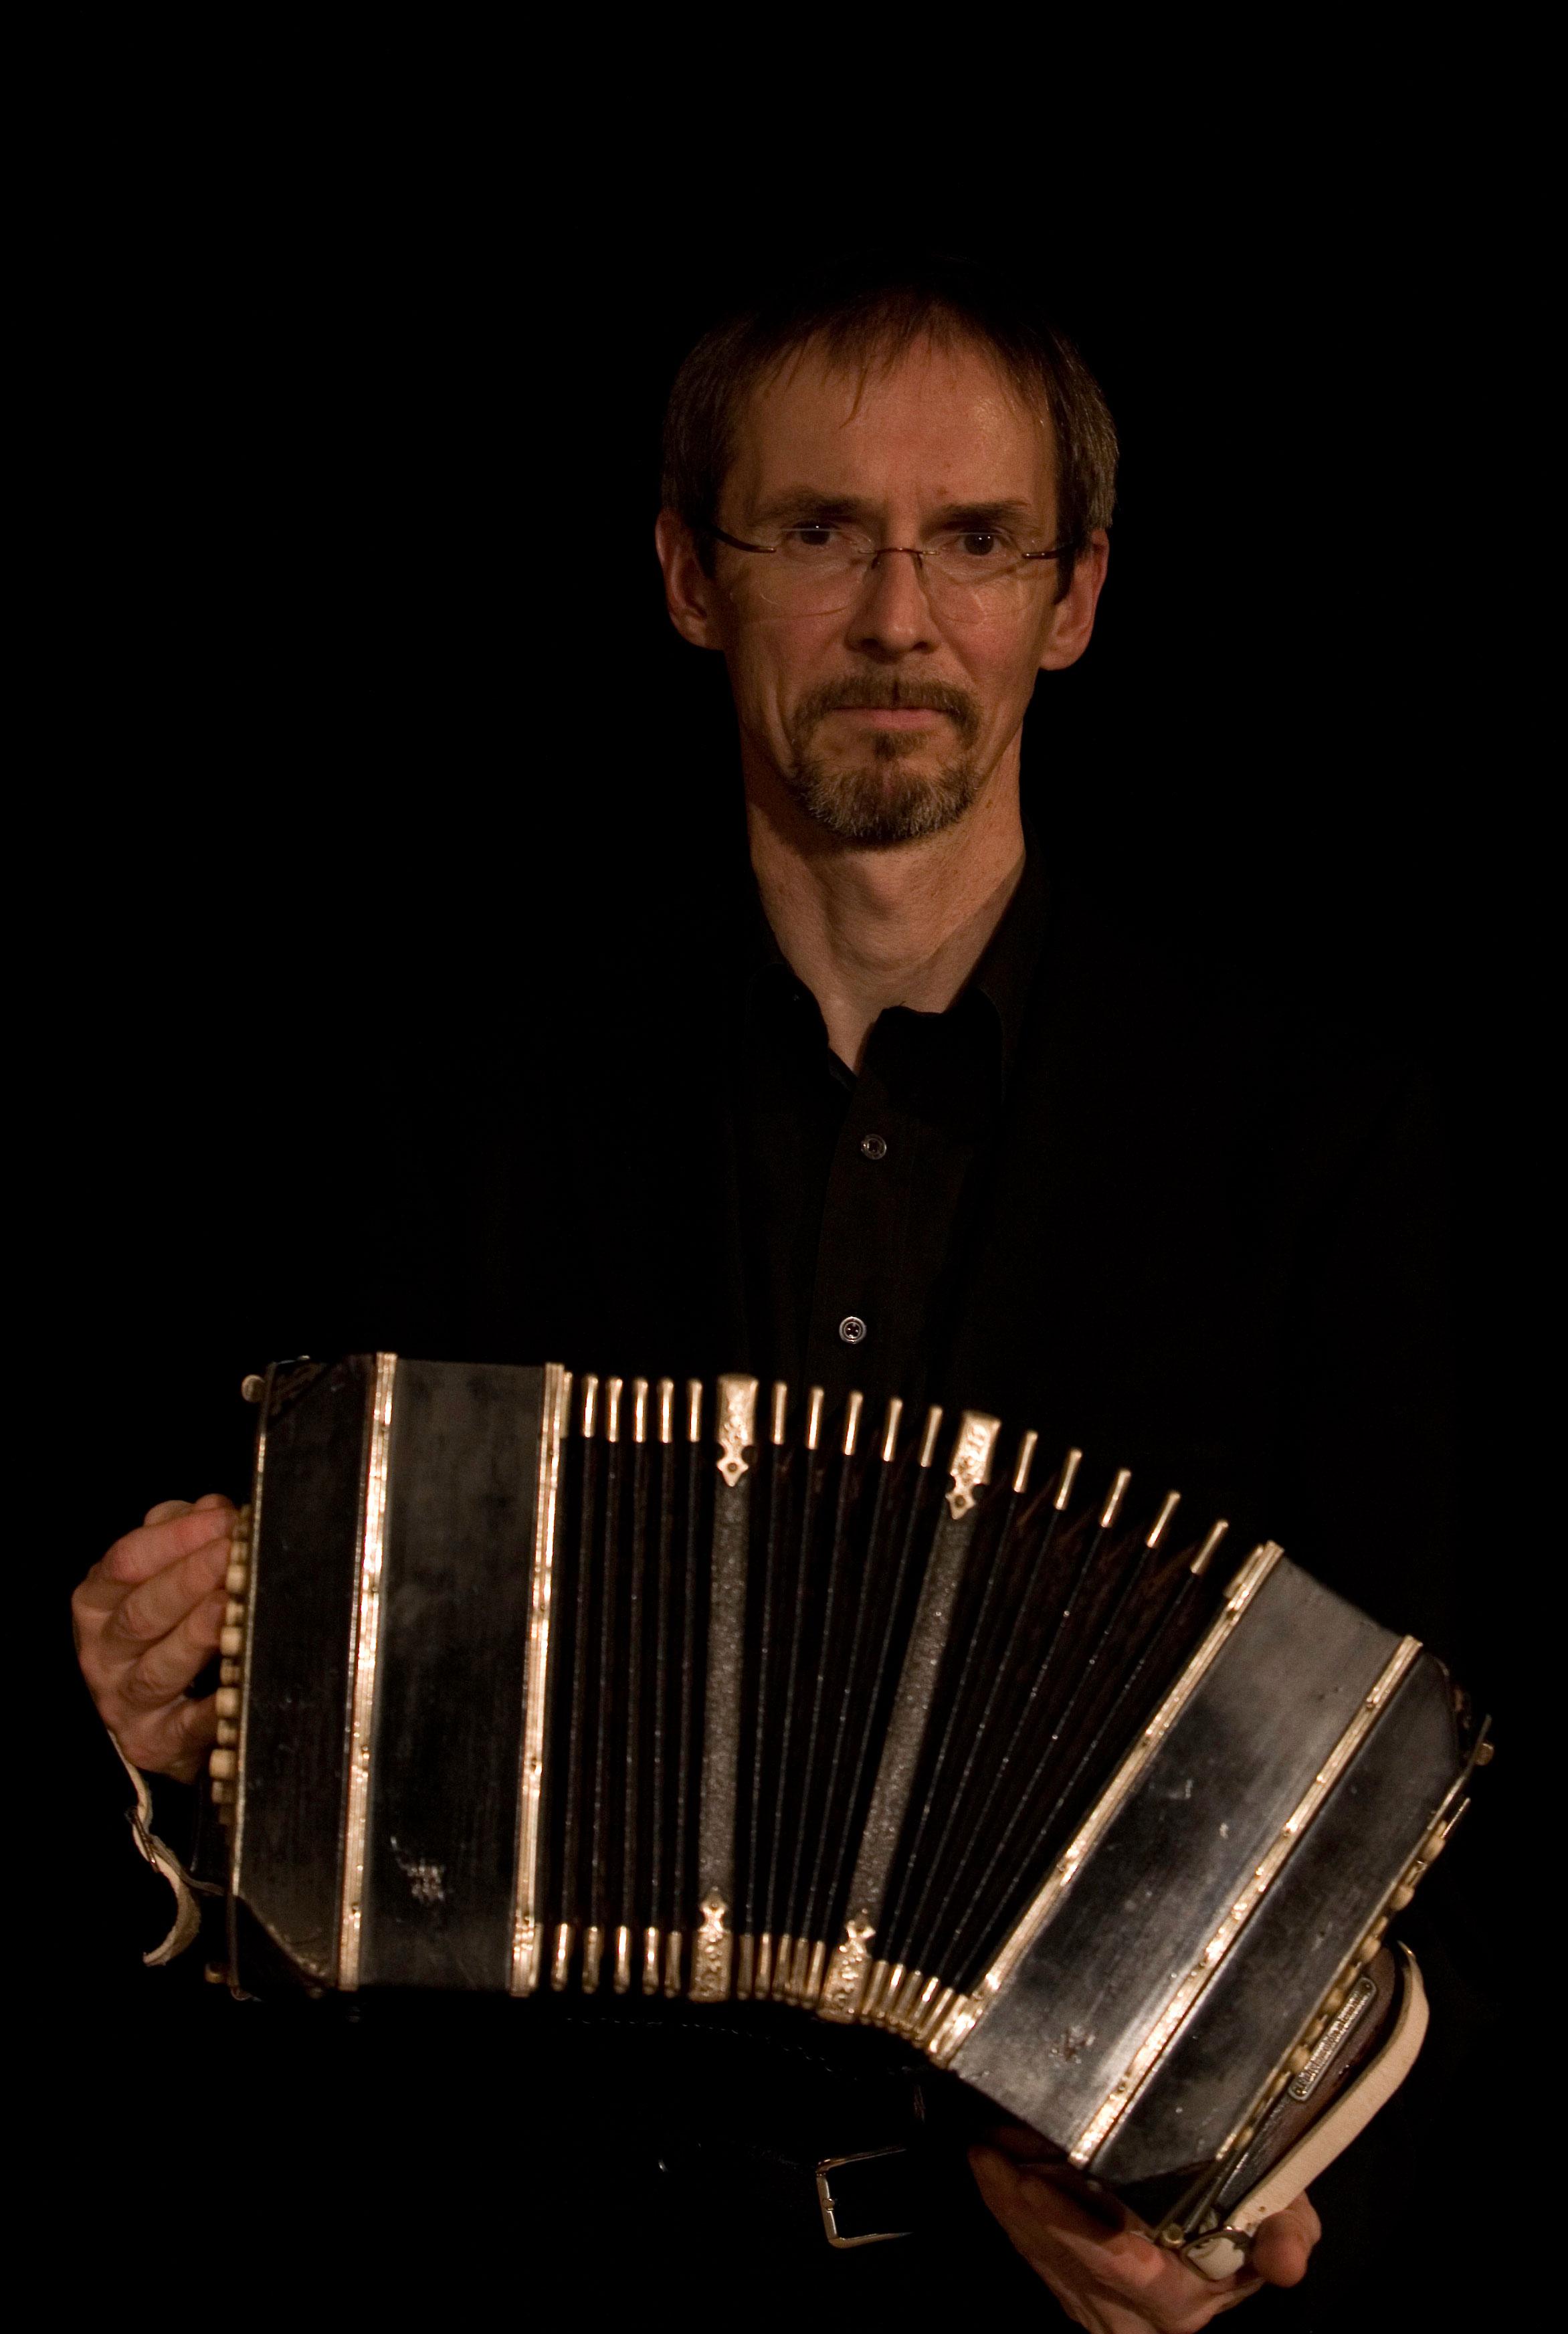 Peter Reil